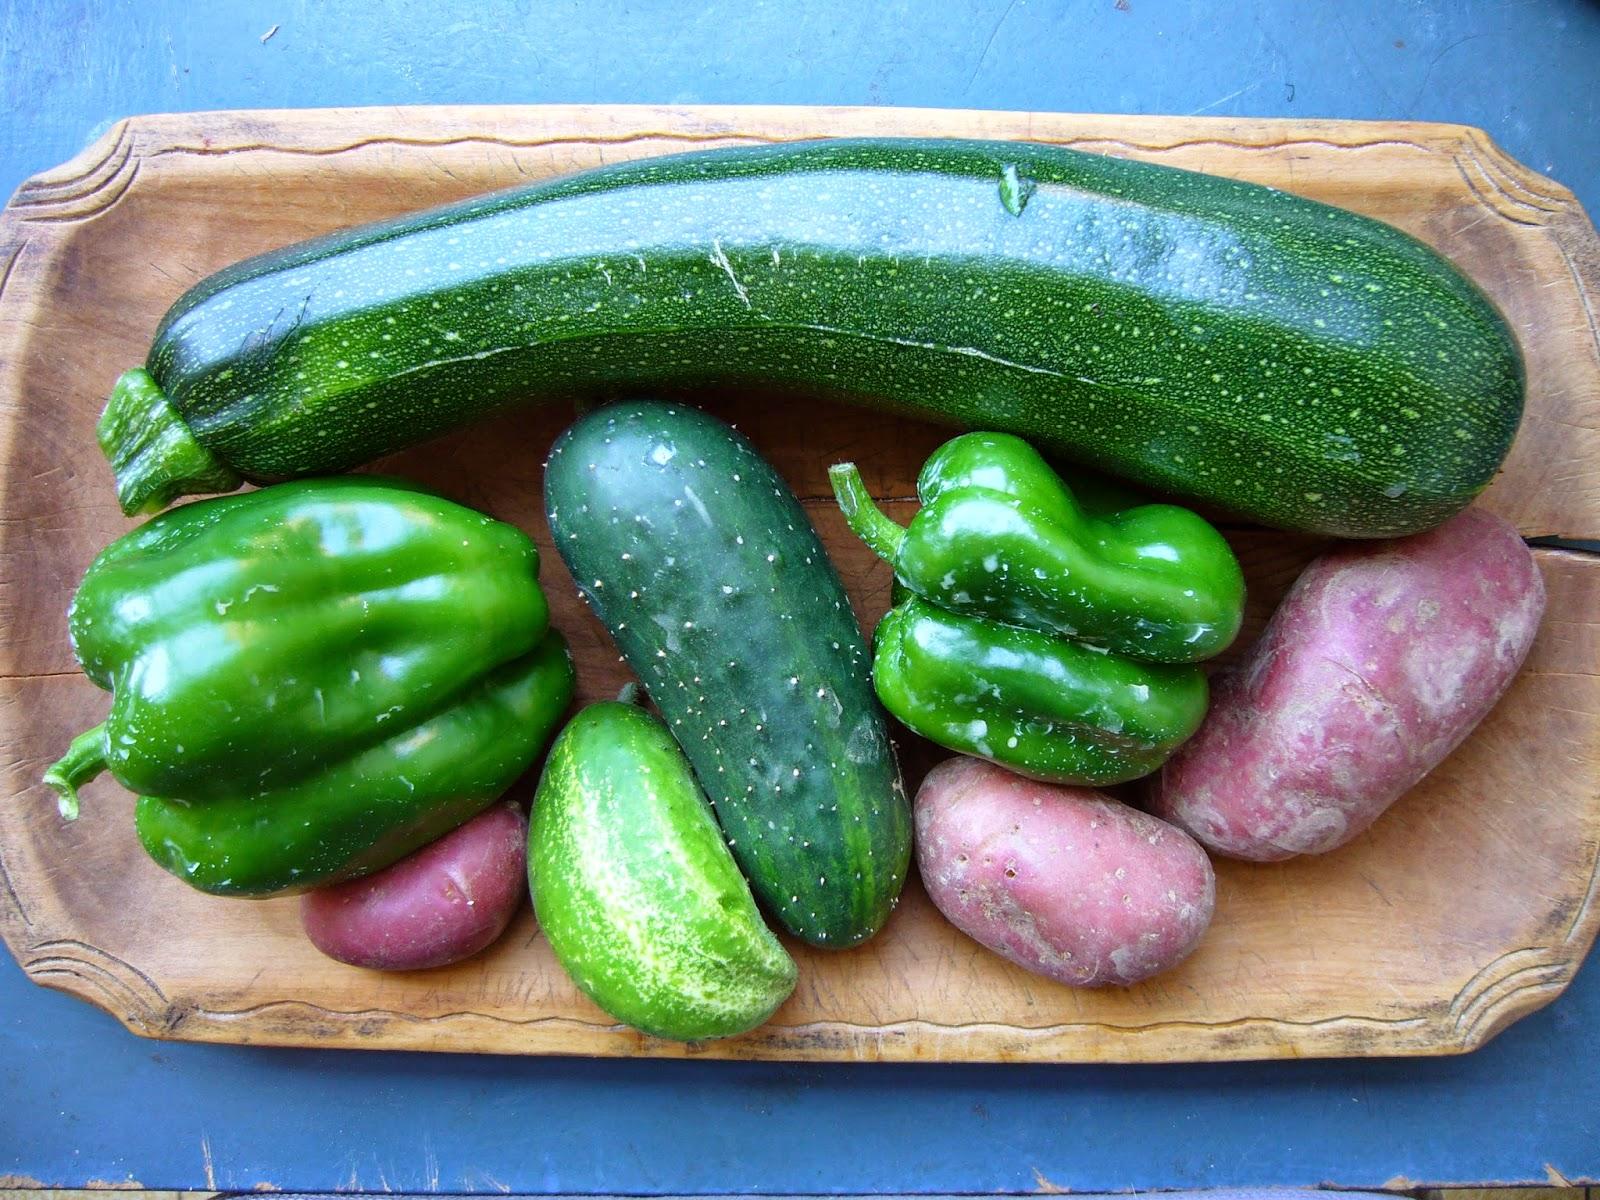 Jardin potager comestible partager avec les moineaux cette ann e le mildiou a d laiss mon - Pomme de terre germee comestible ...